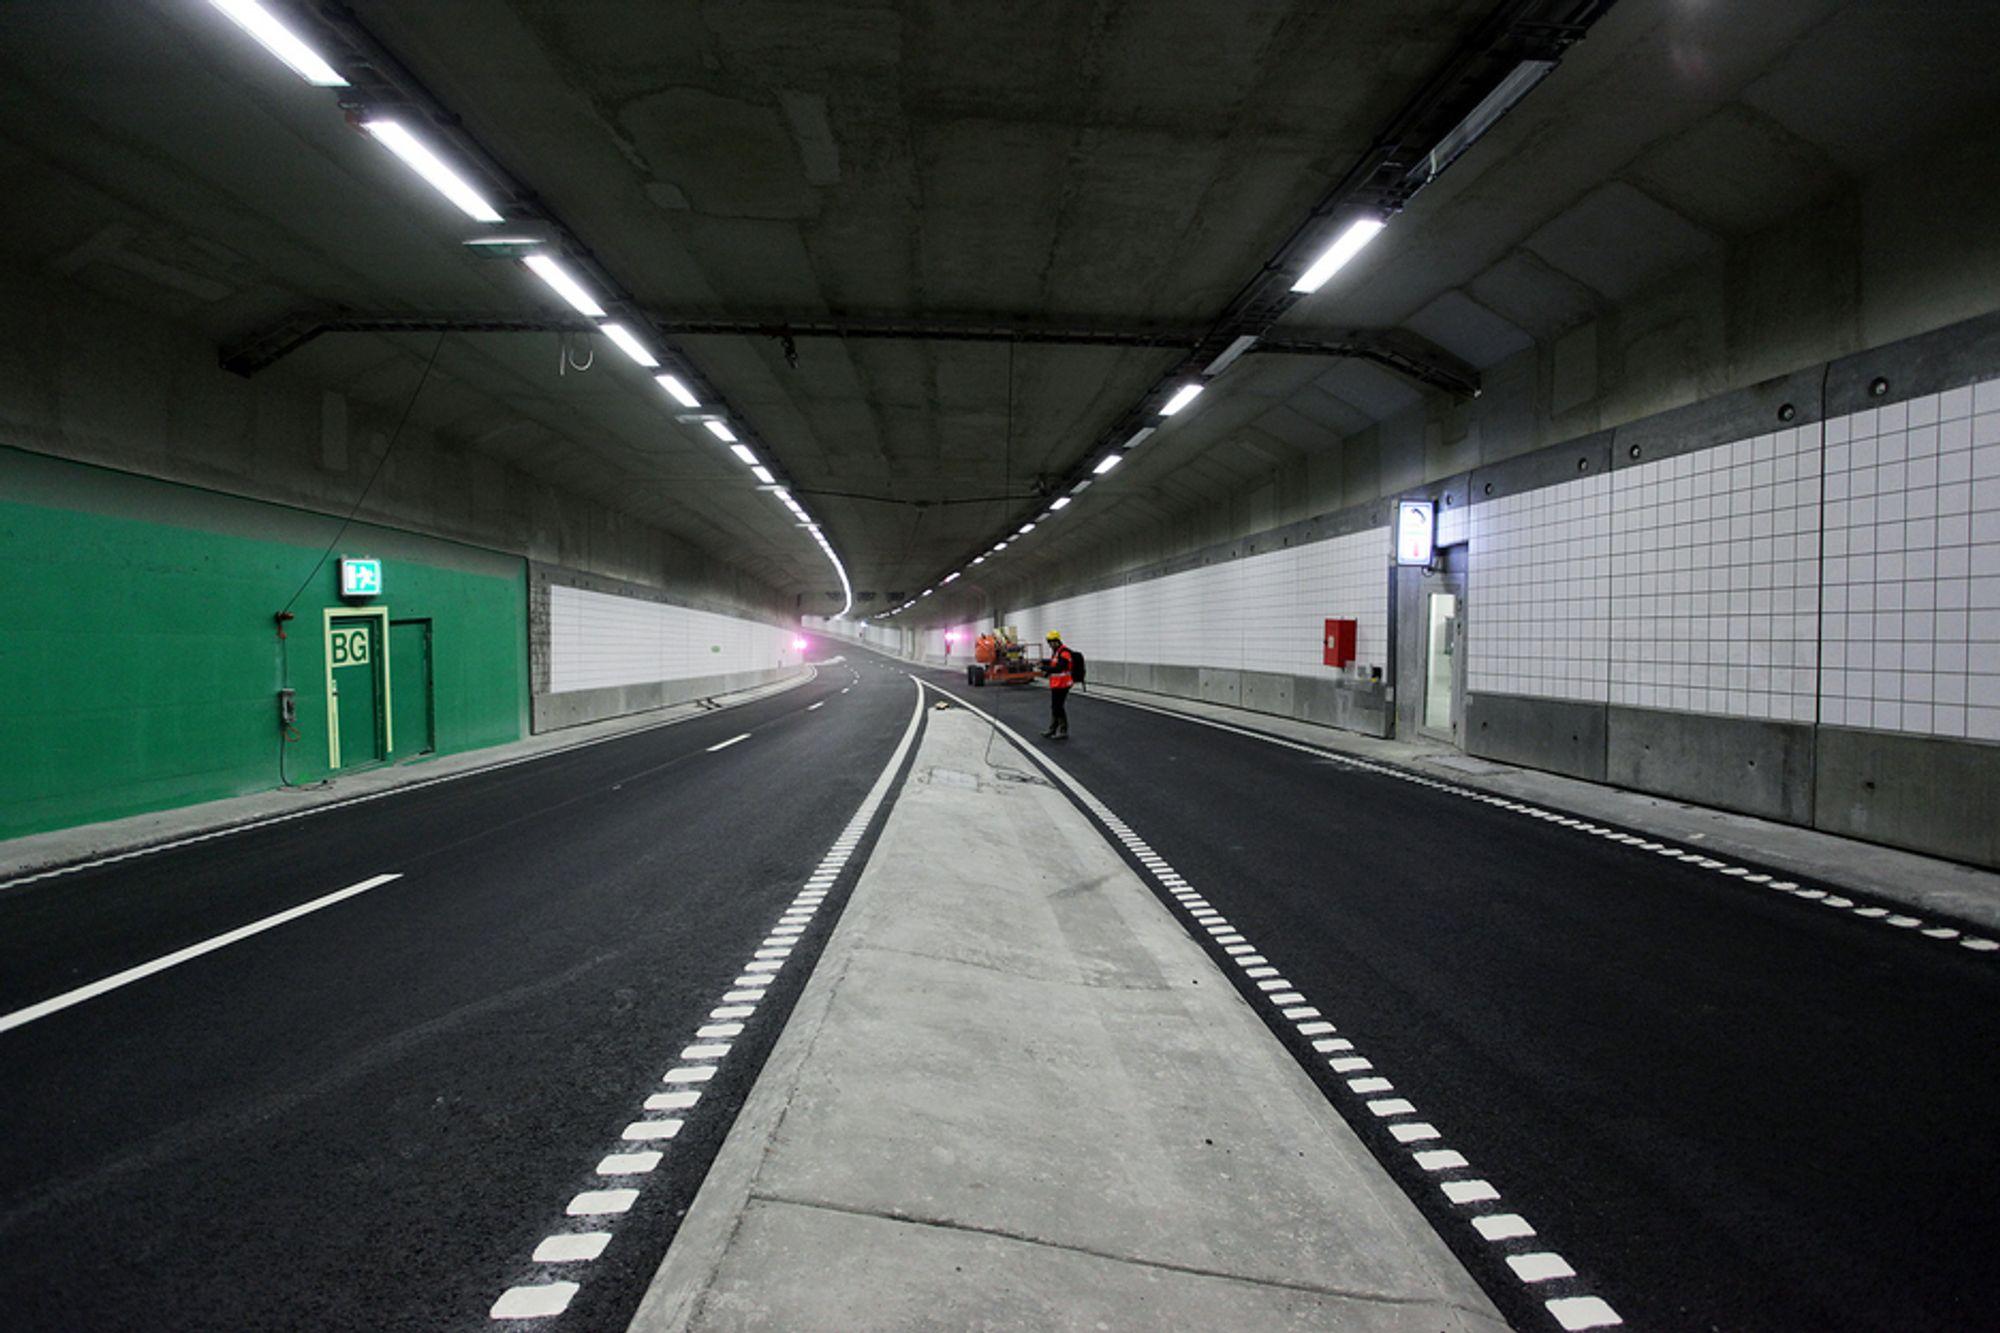 ÅPNET: Vestgående løp står fortsatt uten trafikk, men østgående løp i Bjørvikatunnelen ble åpnet for trafikk rett før kl. 7 mandag 26. april.